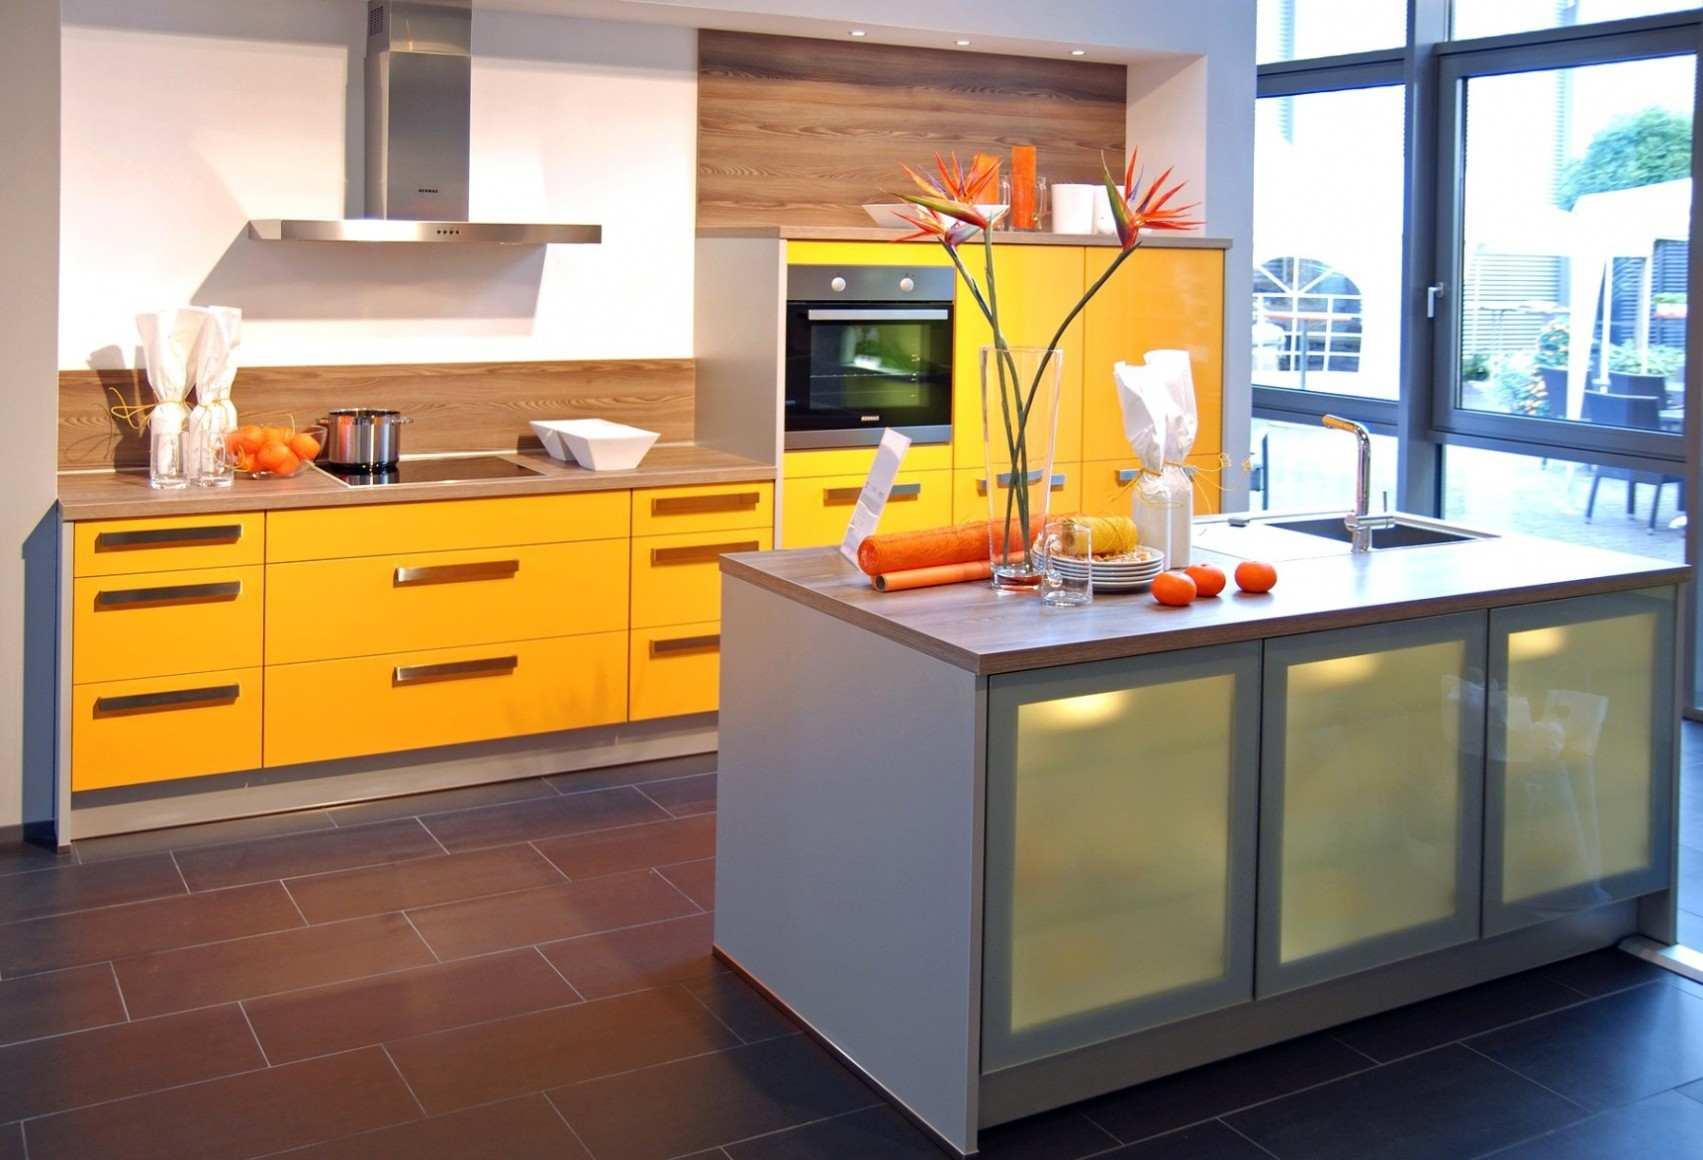 Full Size of Einzelschränke Küche Schlafzimmer Schrnke Ikea Neu Einzelschrnke Kche Vianova Eckküche Mit Elektrogeräten Ohne Elektrogeräte Edelstahlküche Gebraucht Küche Einzelschränke Küche